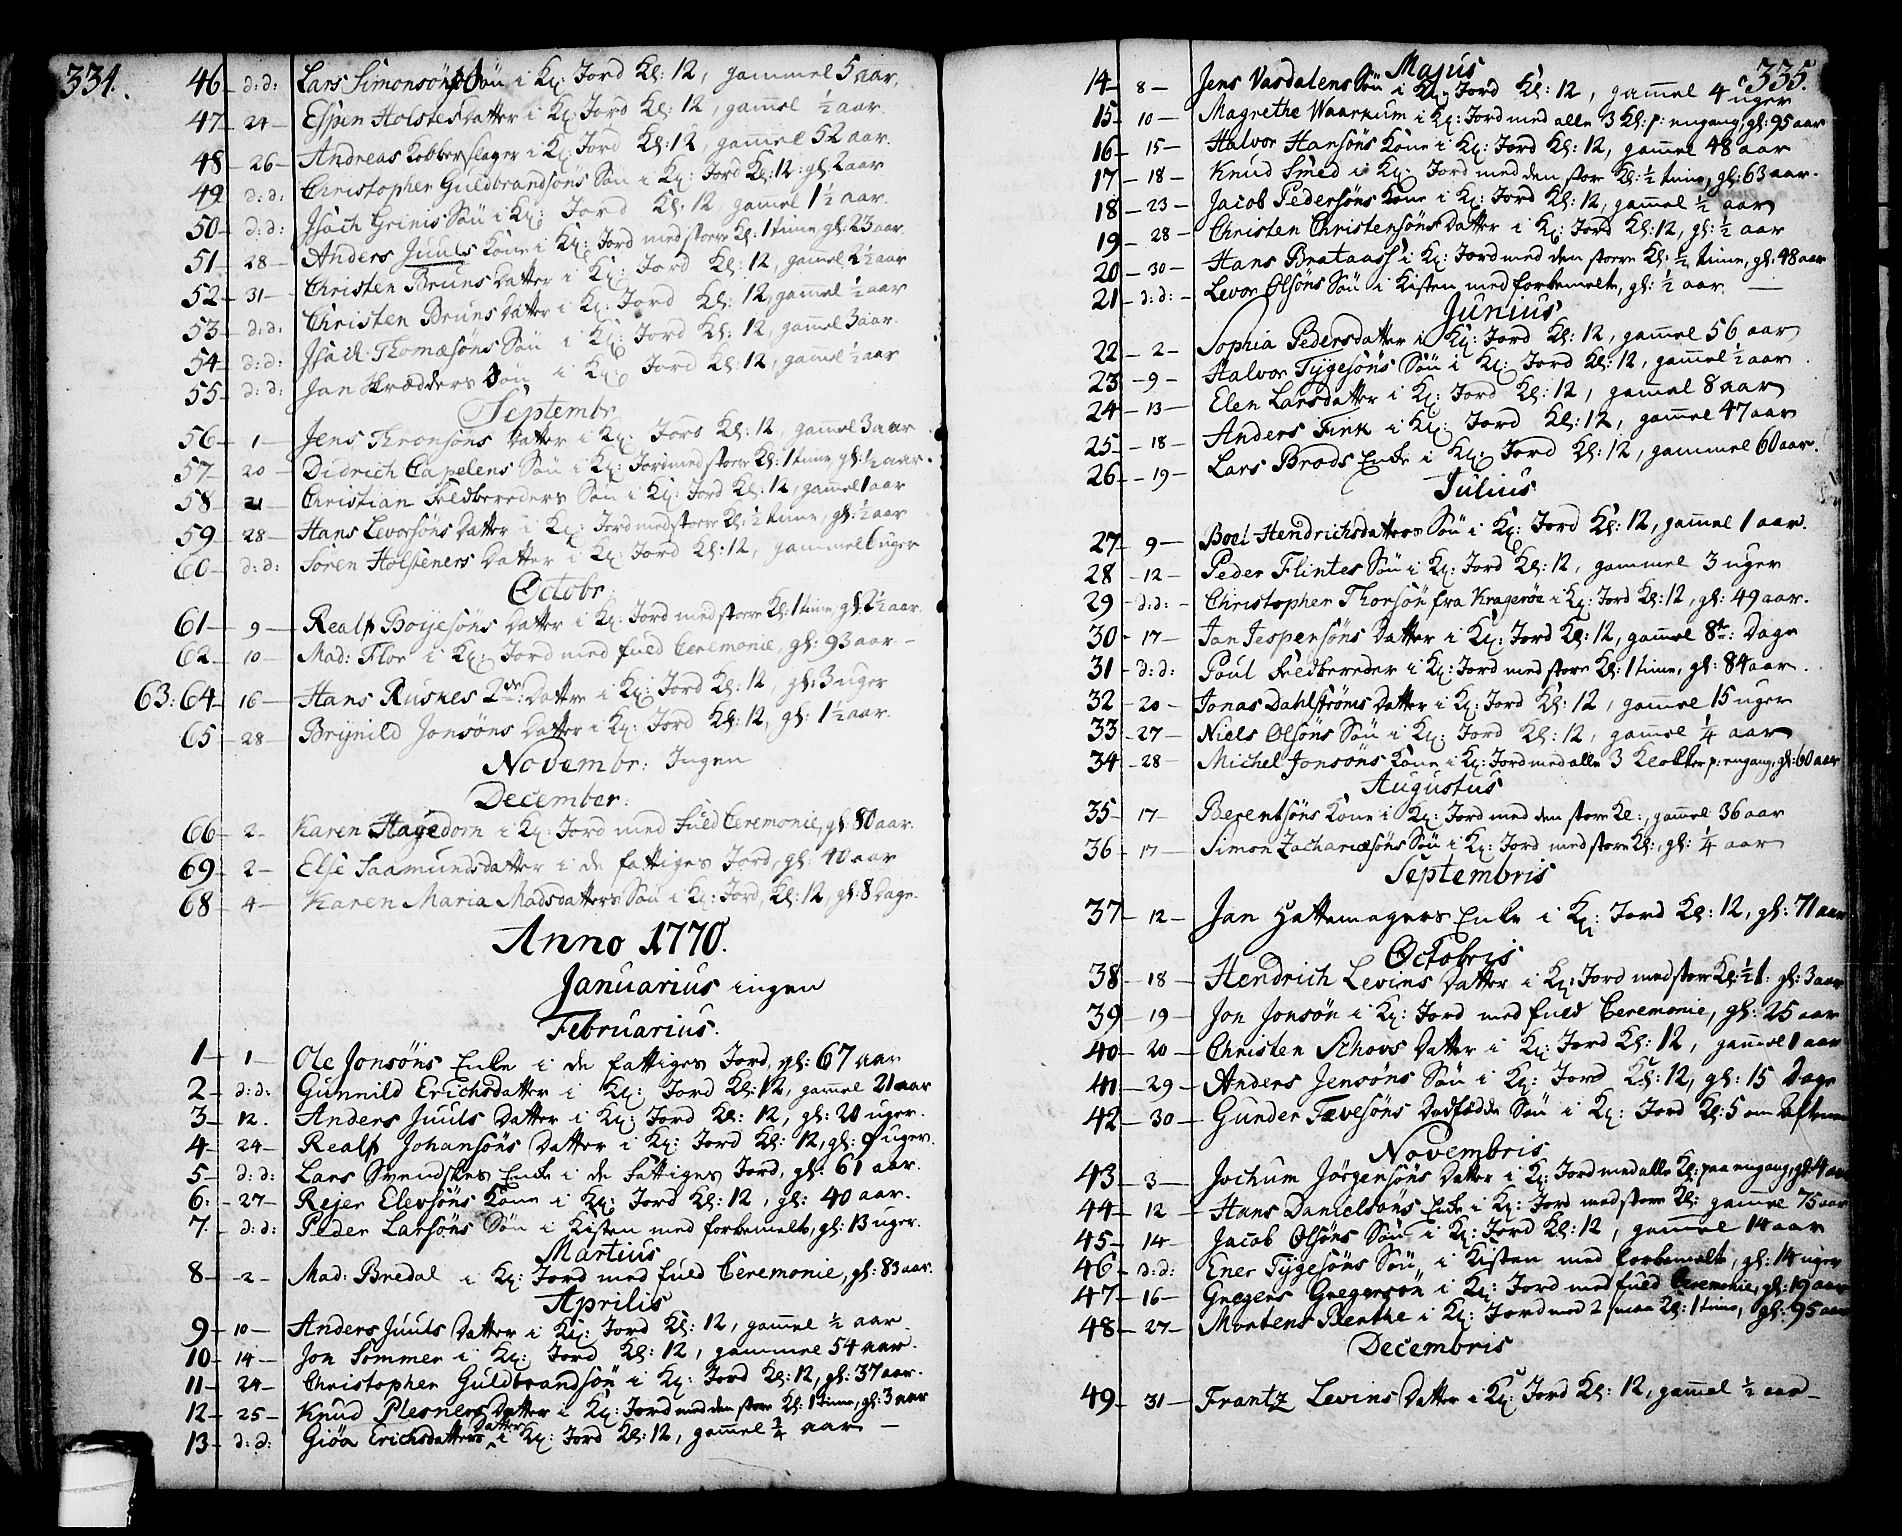 SAKO, Skien kirkebøker, F/Fa/L0003: Ministerialbok nr. 3, 1755-1791, s. 334-335